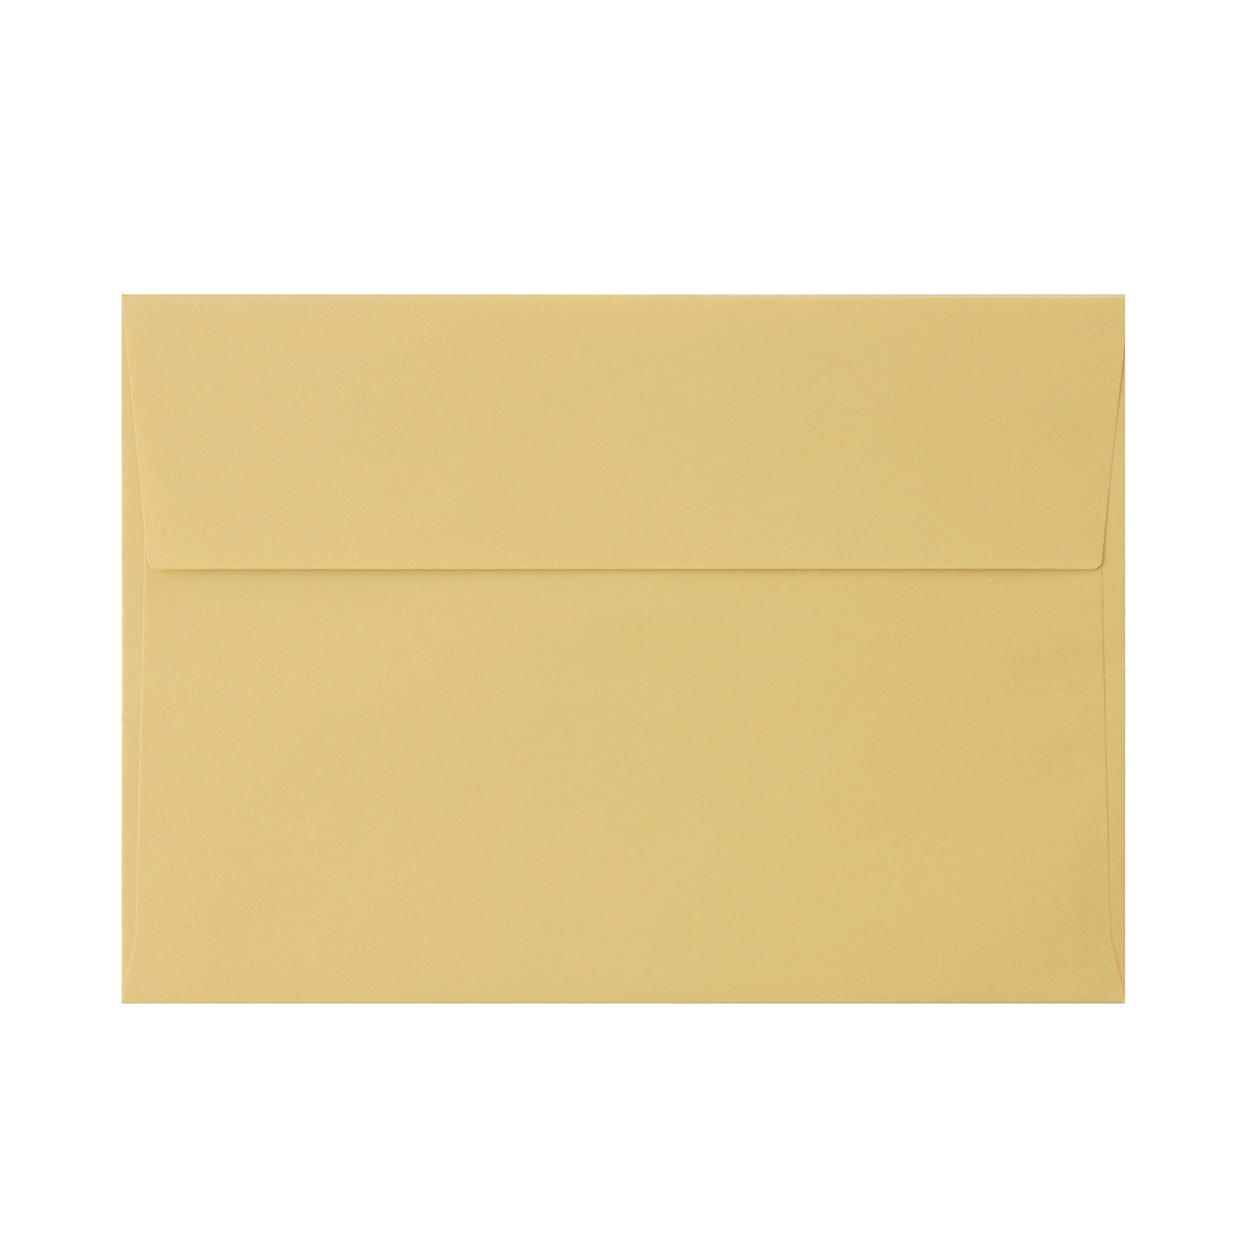 角6カマス封筒 上質カラー ゴールド 97.4g